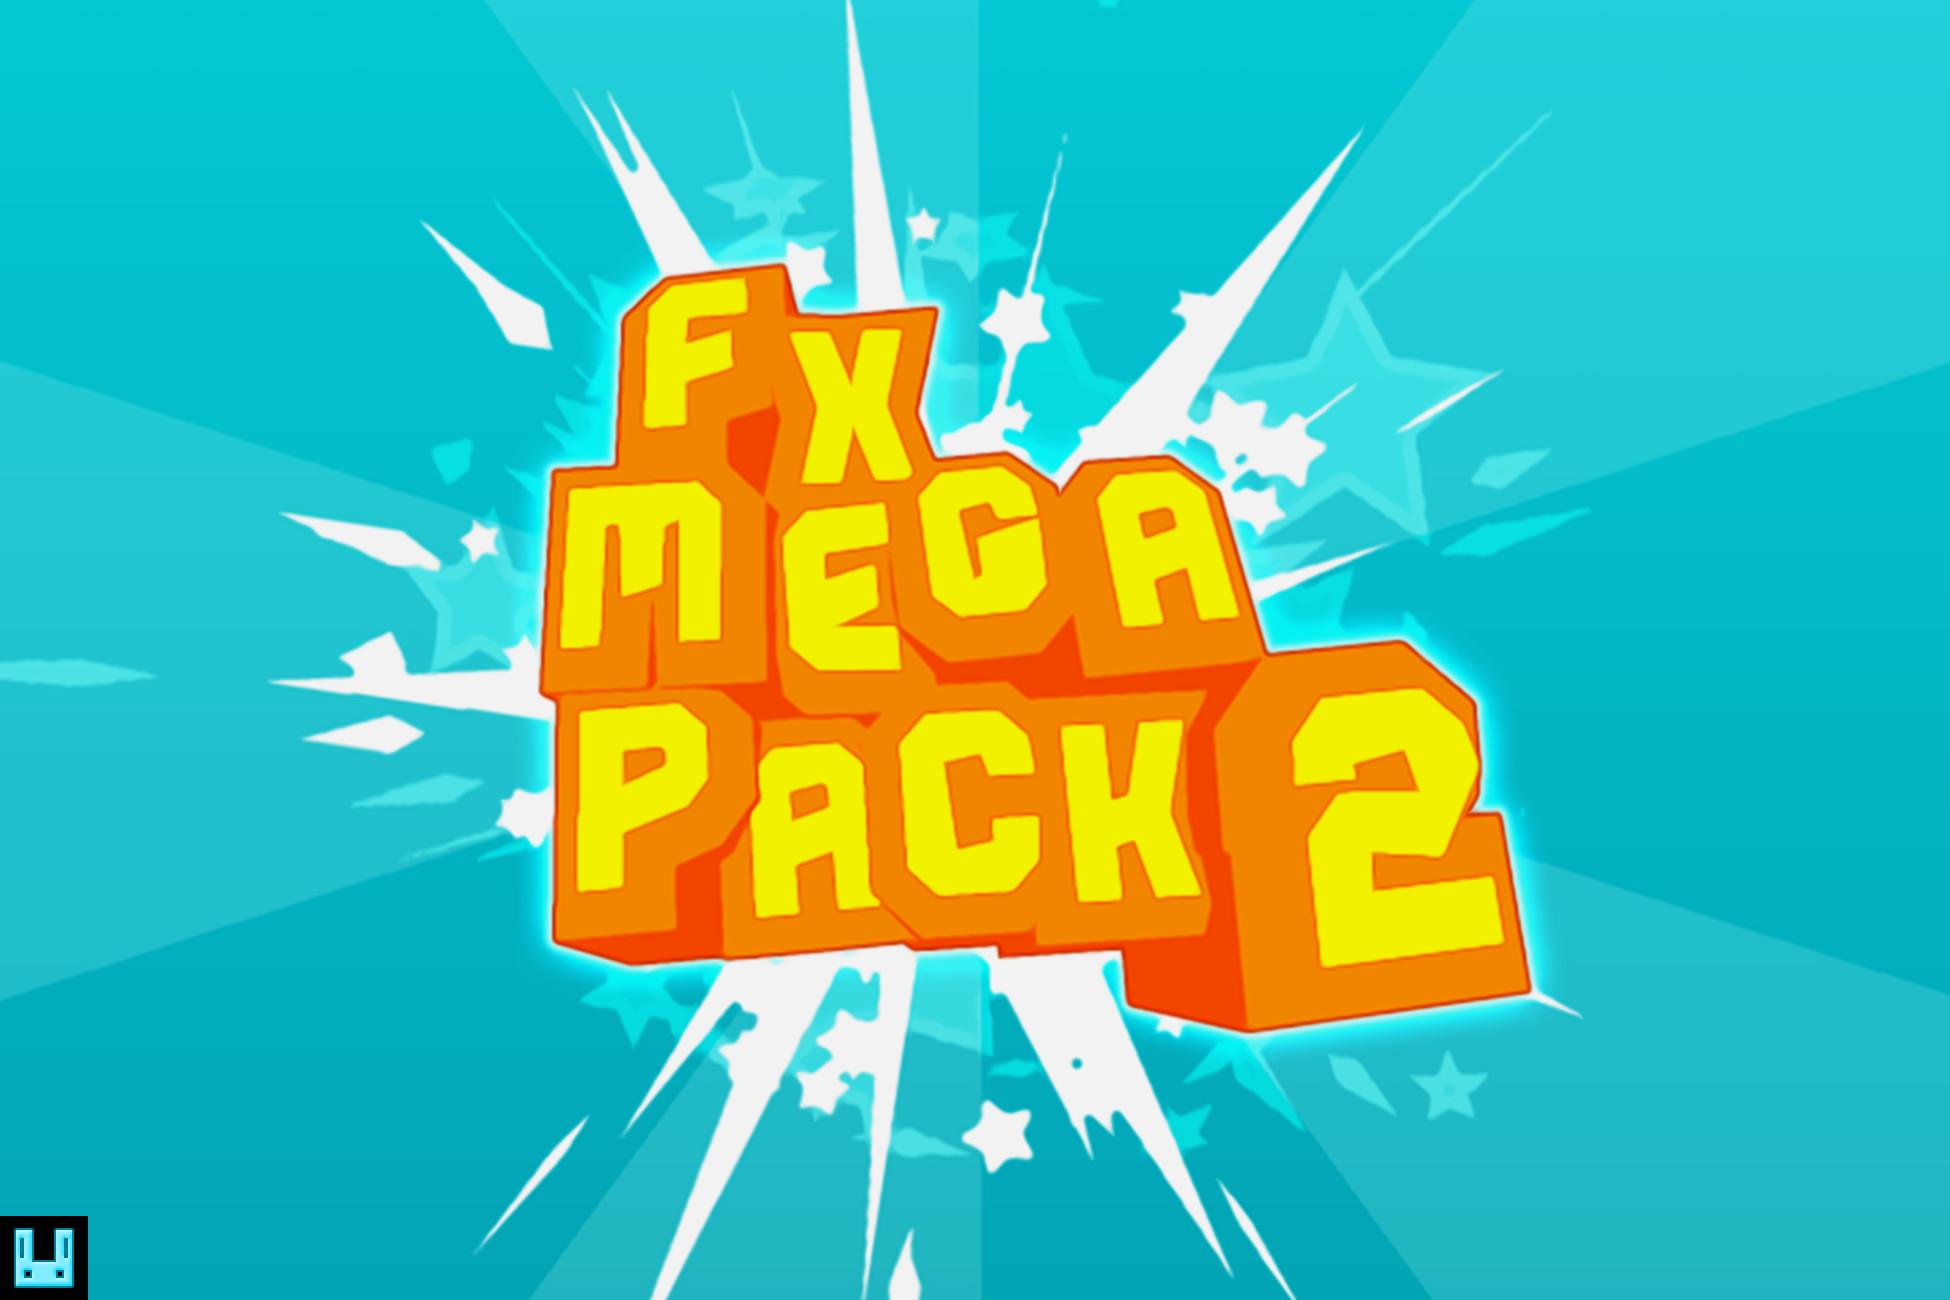 FX Mega Pack 2